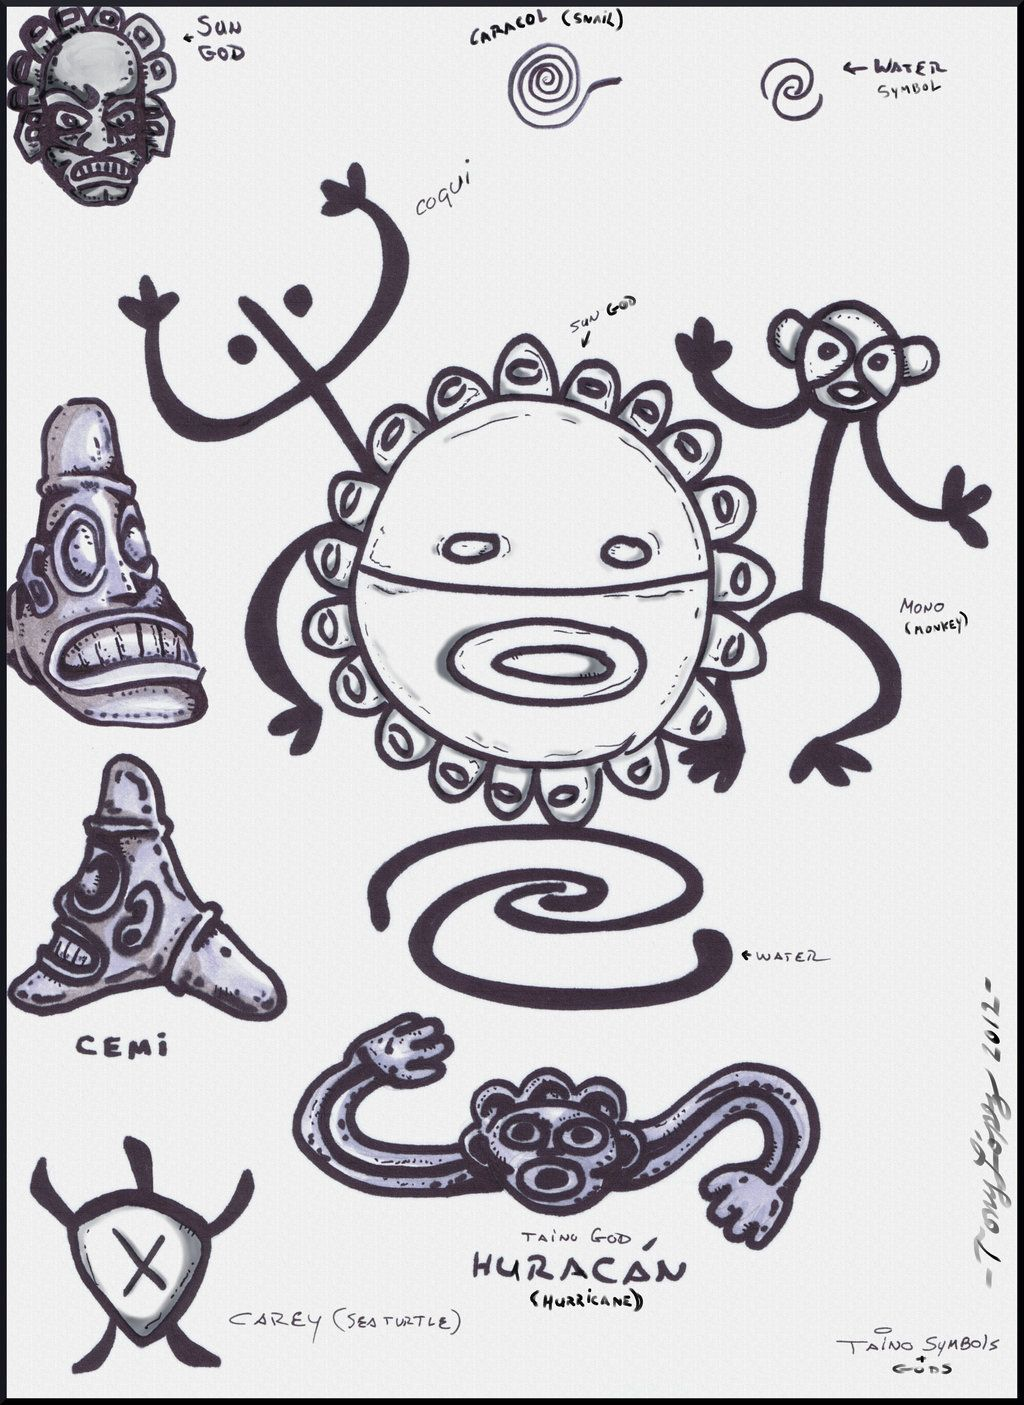 40bb85780 TAINO INDIAN SYMBOLS/GODS by Lpsalsaman.deviantart.com on @deviantART